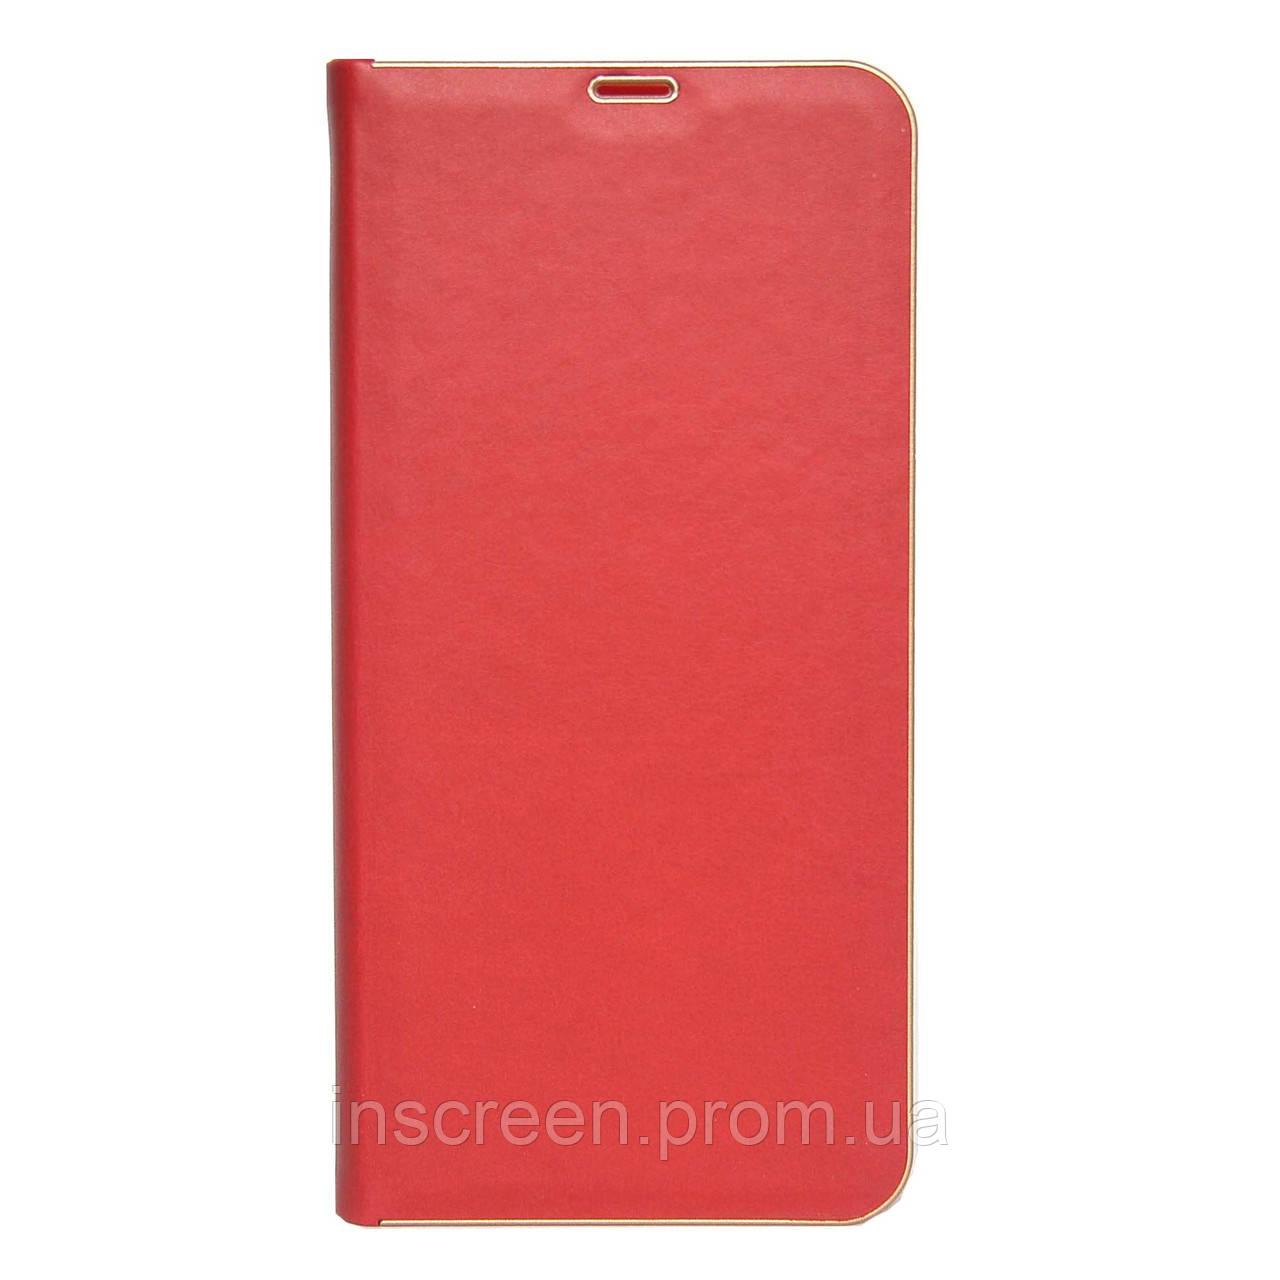 Чехол-книжка Florence TOP 2 Samsung A115F,M115F A11,M11 (2020) под кожу красный